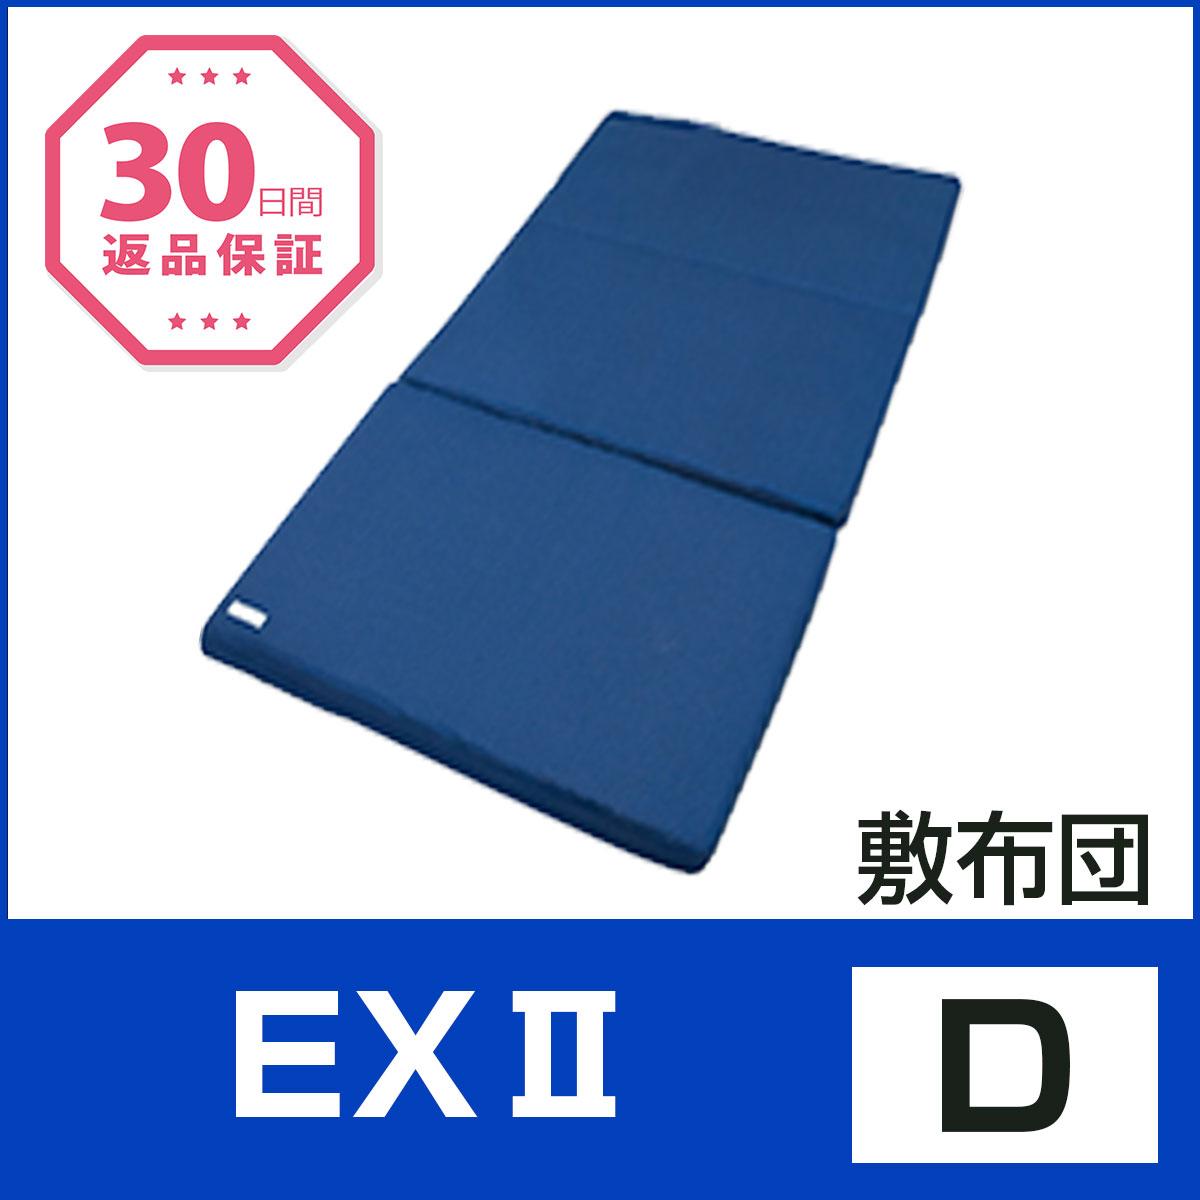 〈ダブル〉【Four Seasons EX2】B